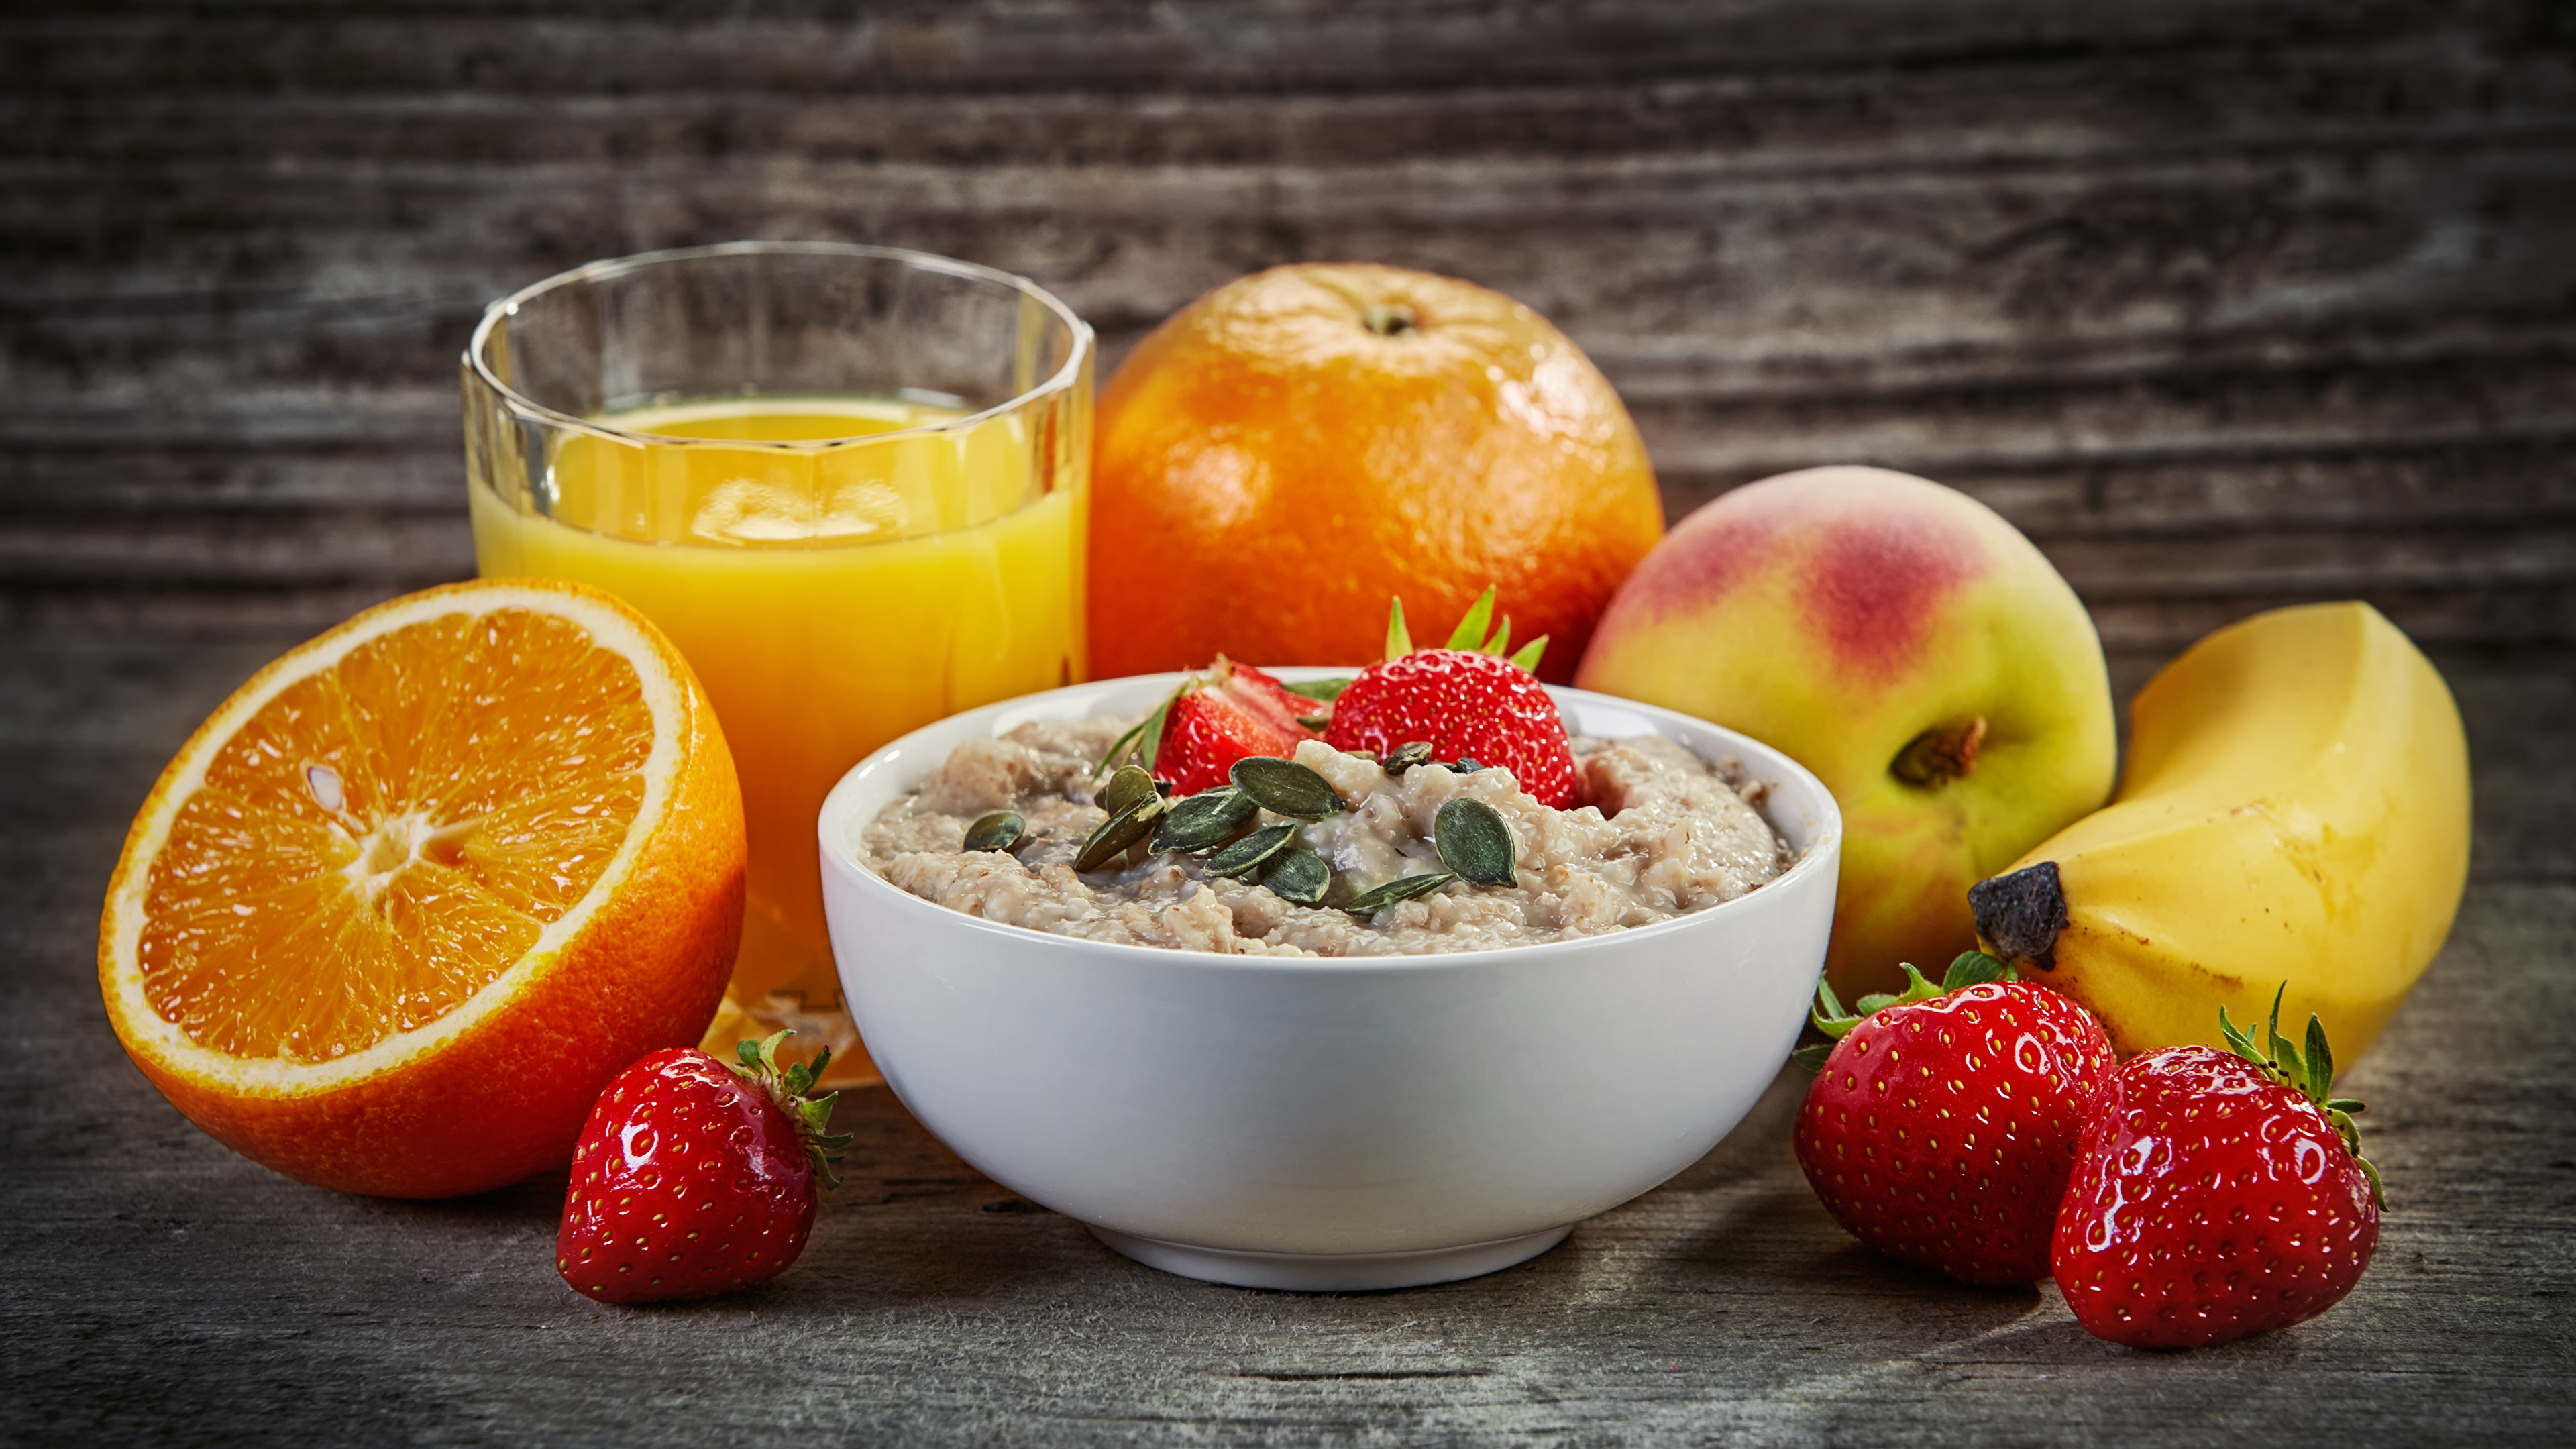 Натюрморт фрукты и соки без смс